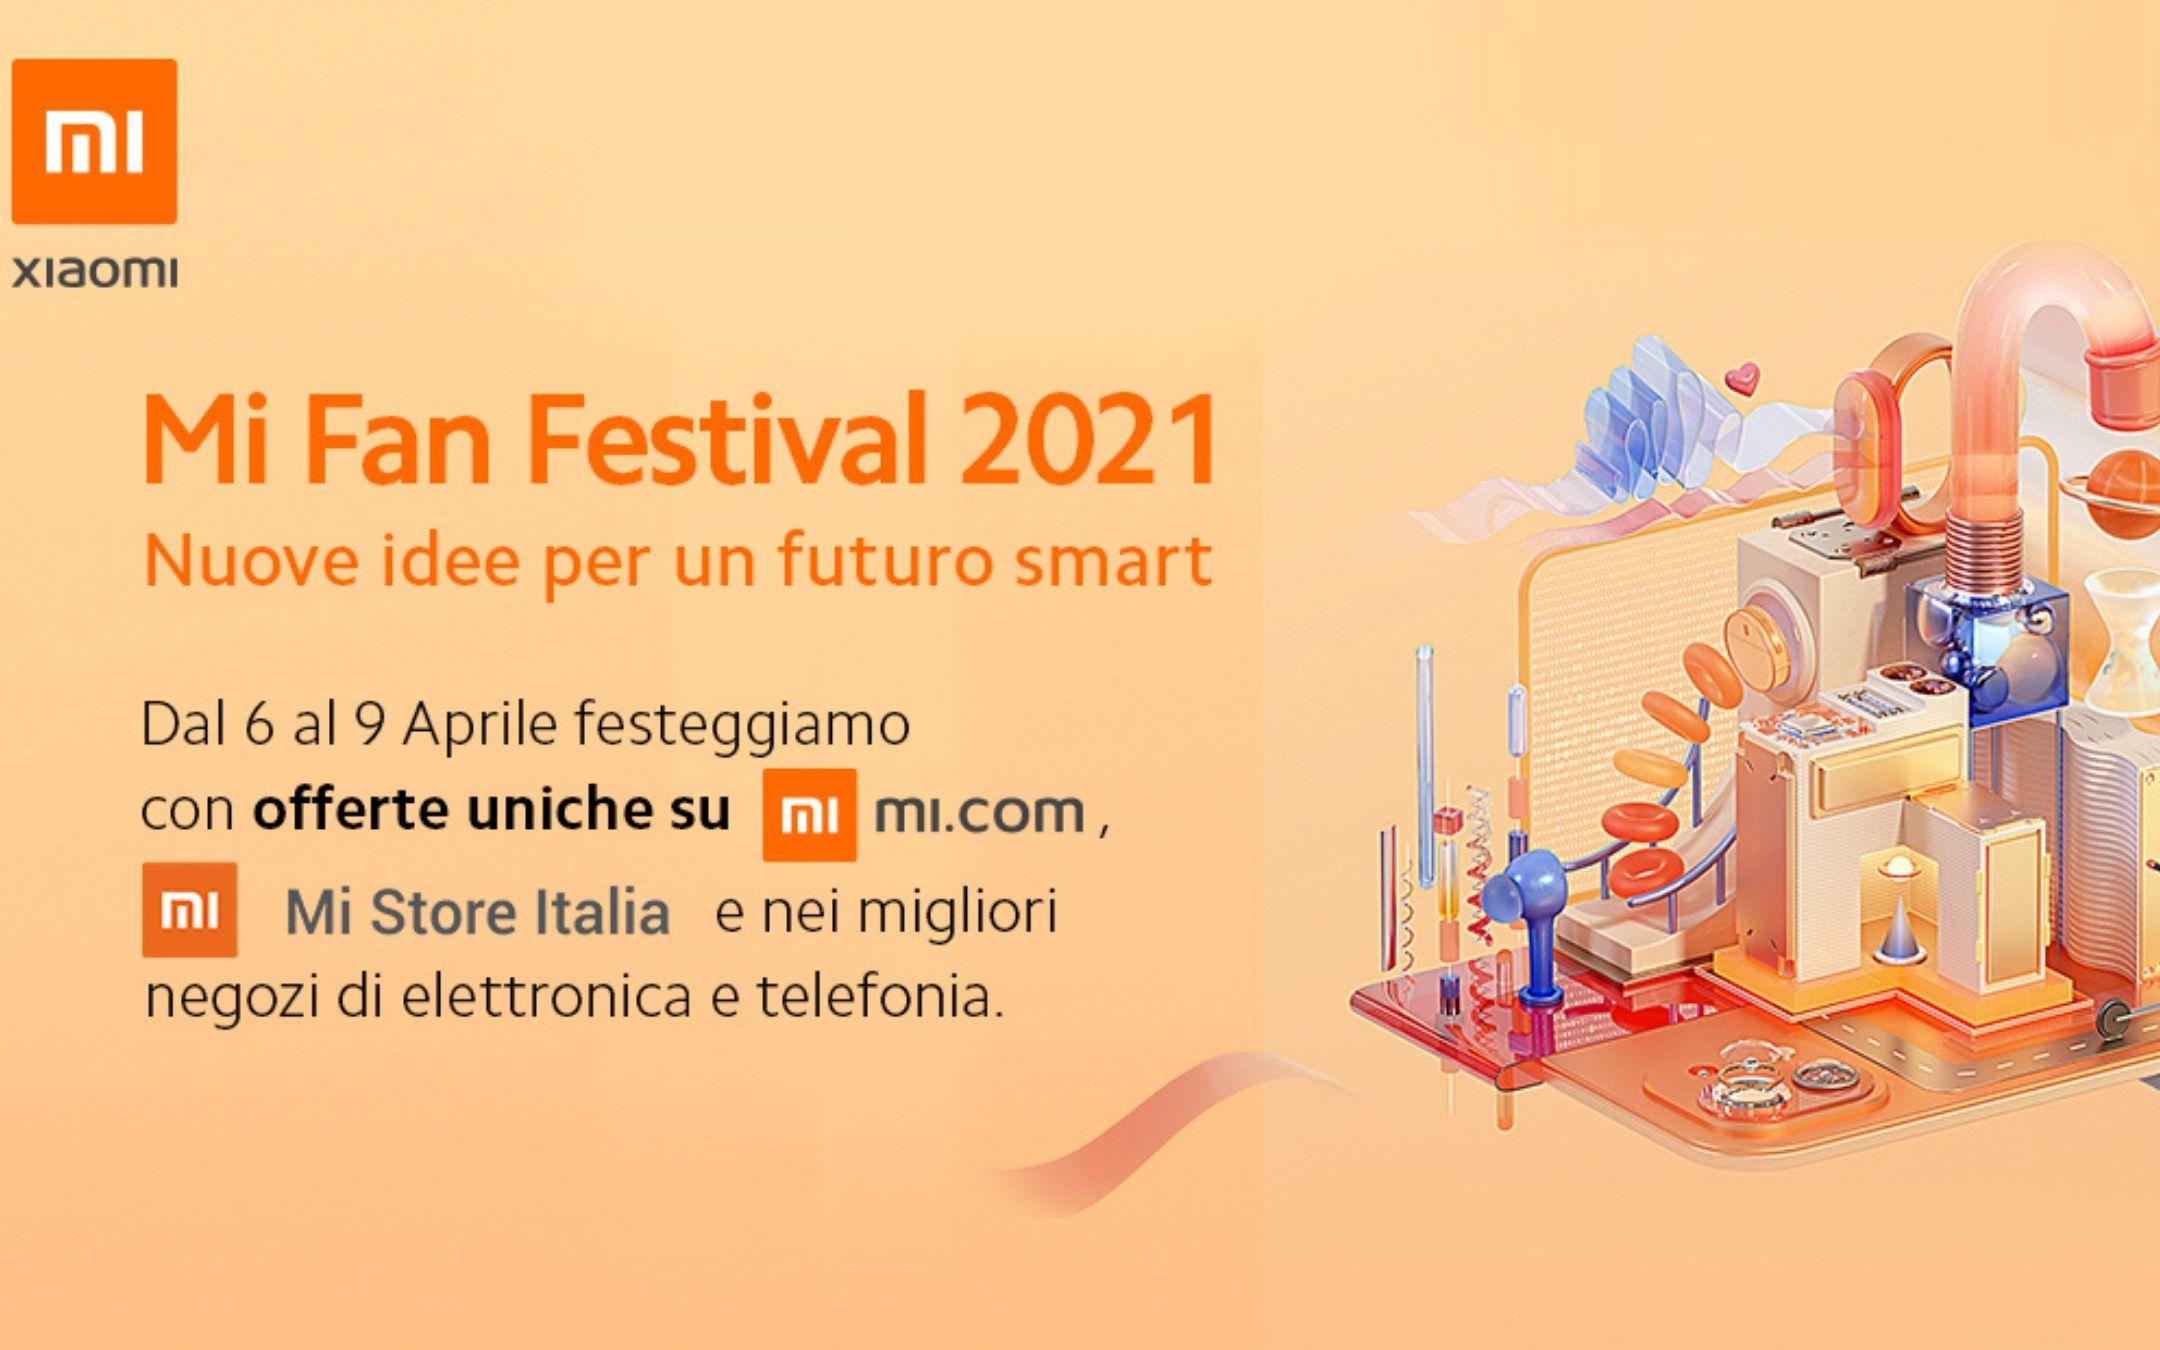 Inizia oggi il Mi Fan Festival 2021